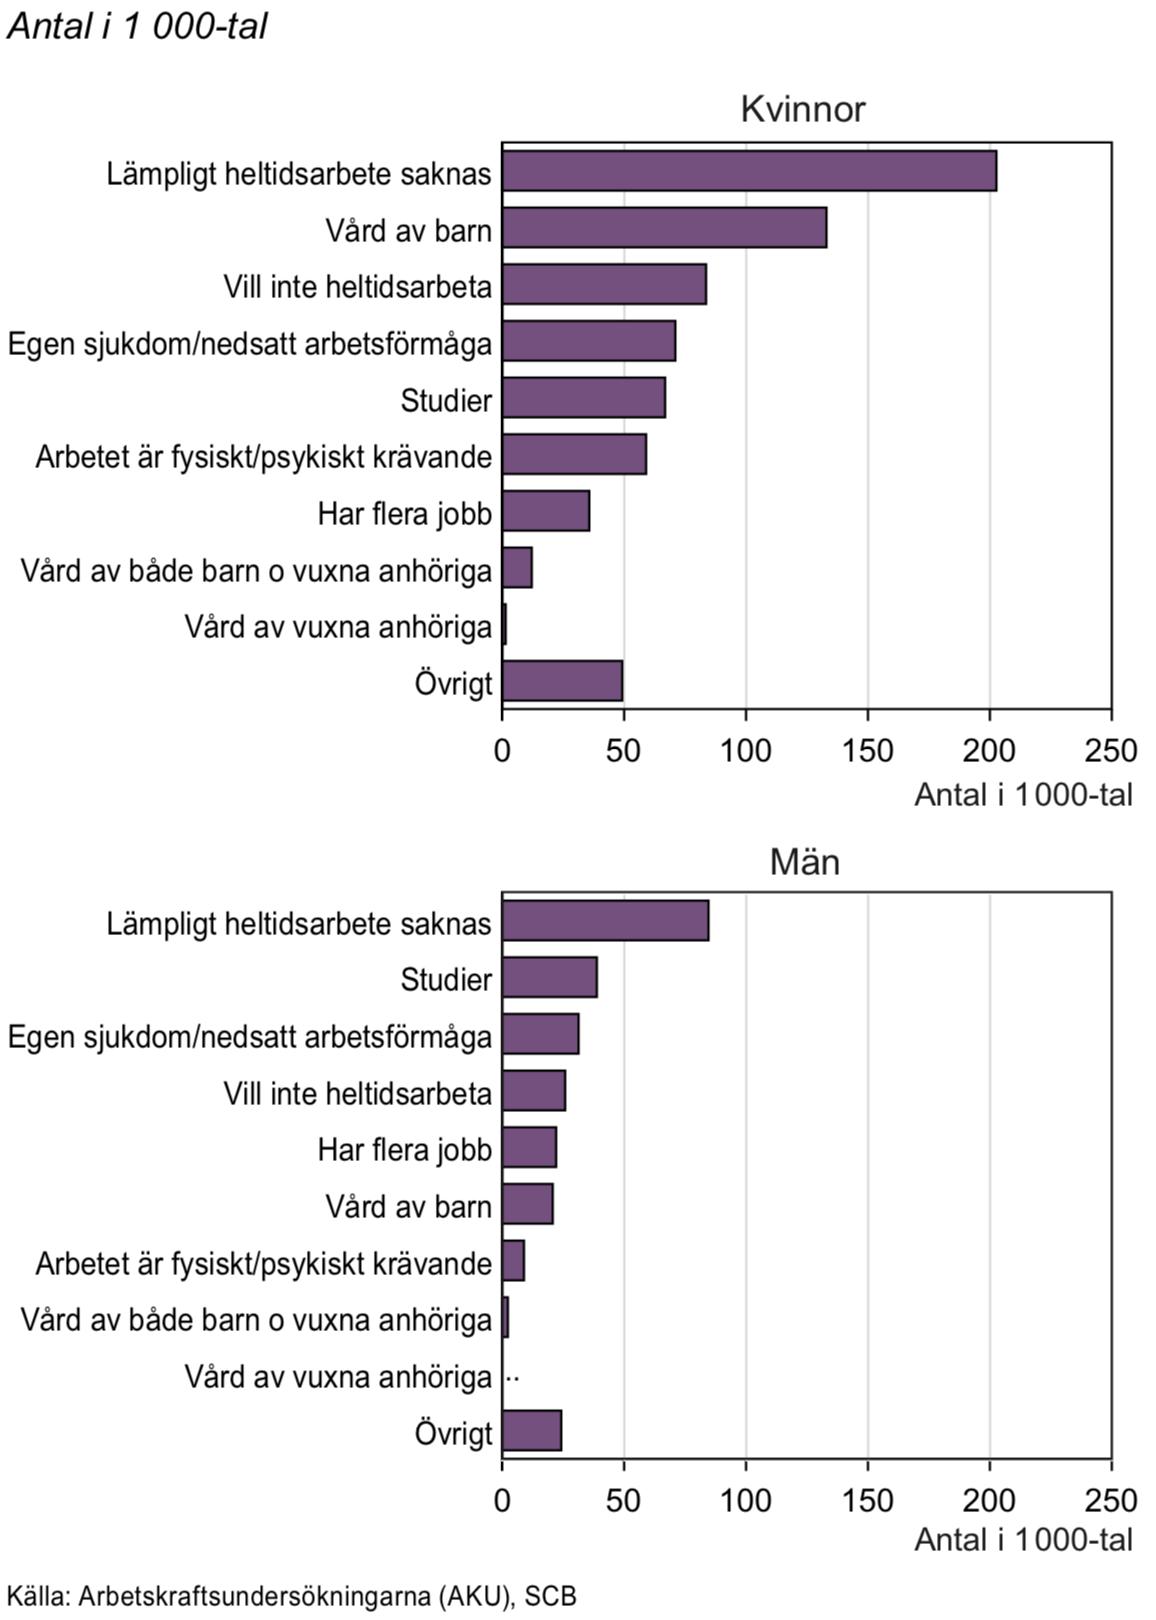 Orsak till deltidsarbete för personer i åldern 20–64 år, 2005 och 2015